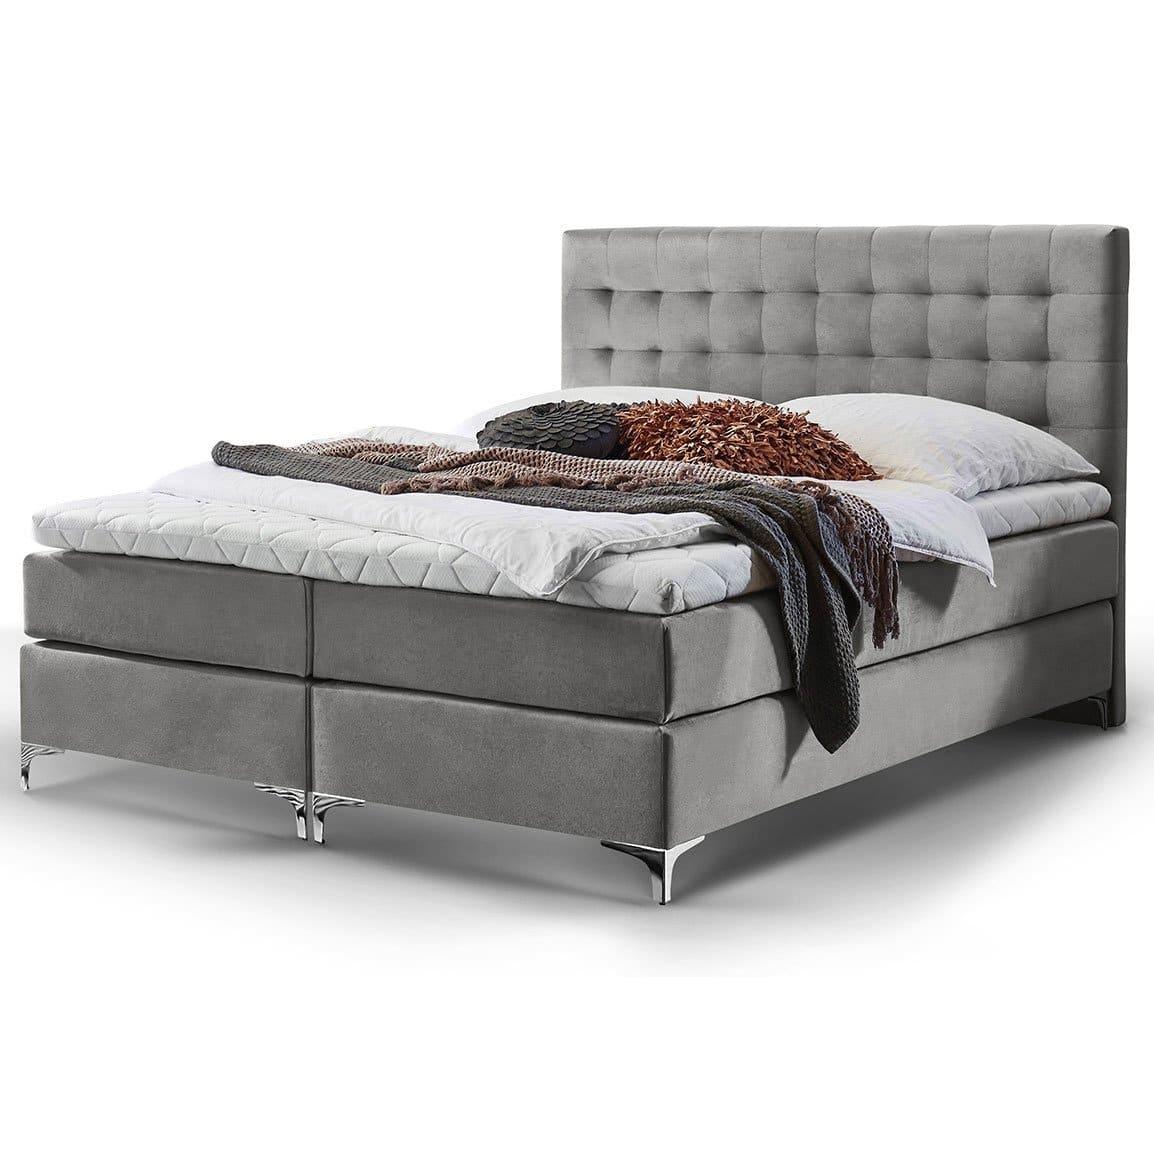 Full Size of Graues Bett Bettlaken 180x200 Kombinieren Ikea 140x200 160x200 Waschen Passende Wandfarbe Hole Dir Dein Samt Mit Knopfheftung Samtmbel Sonoma Eiche 140 X 200 Bett Graues Bett